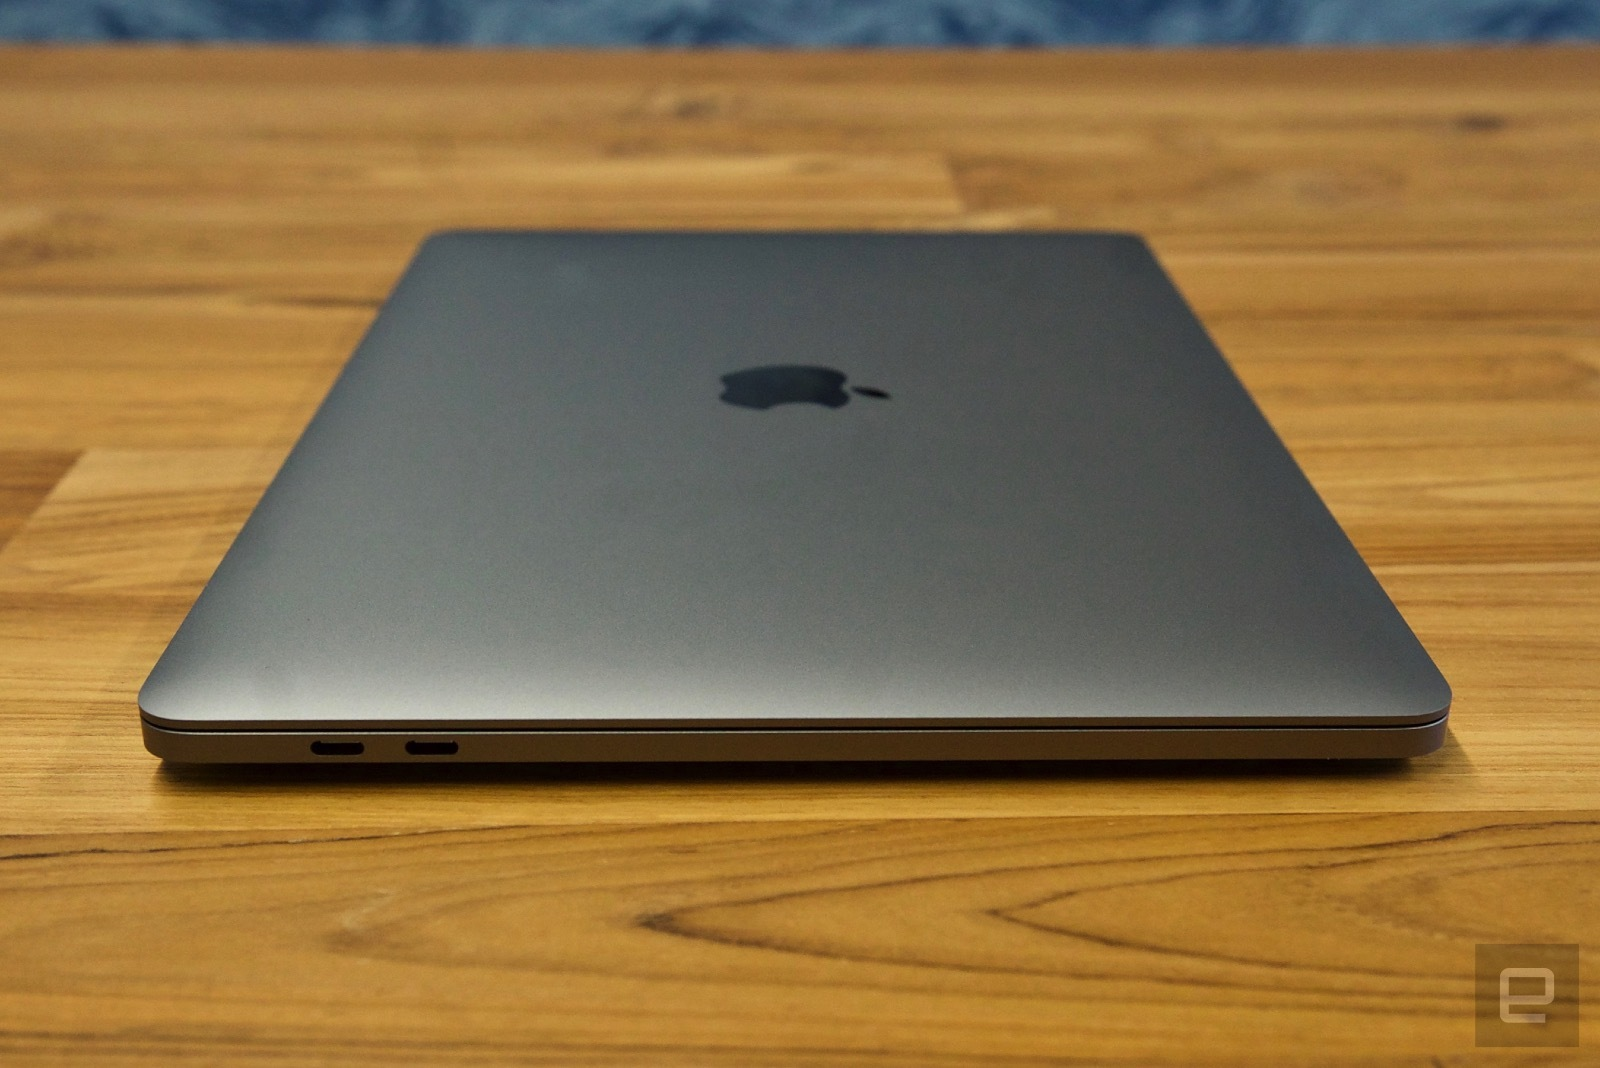 apple 13 inch macbook pro 2019 1 5